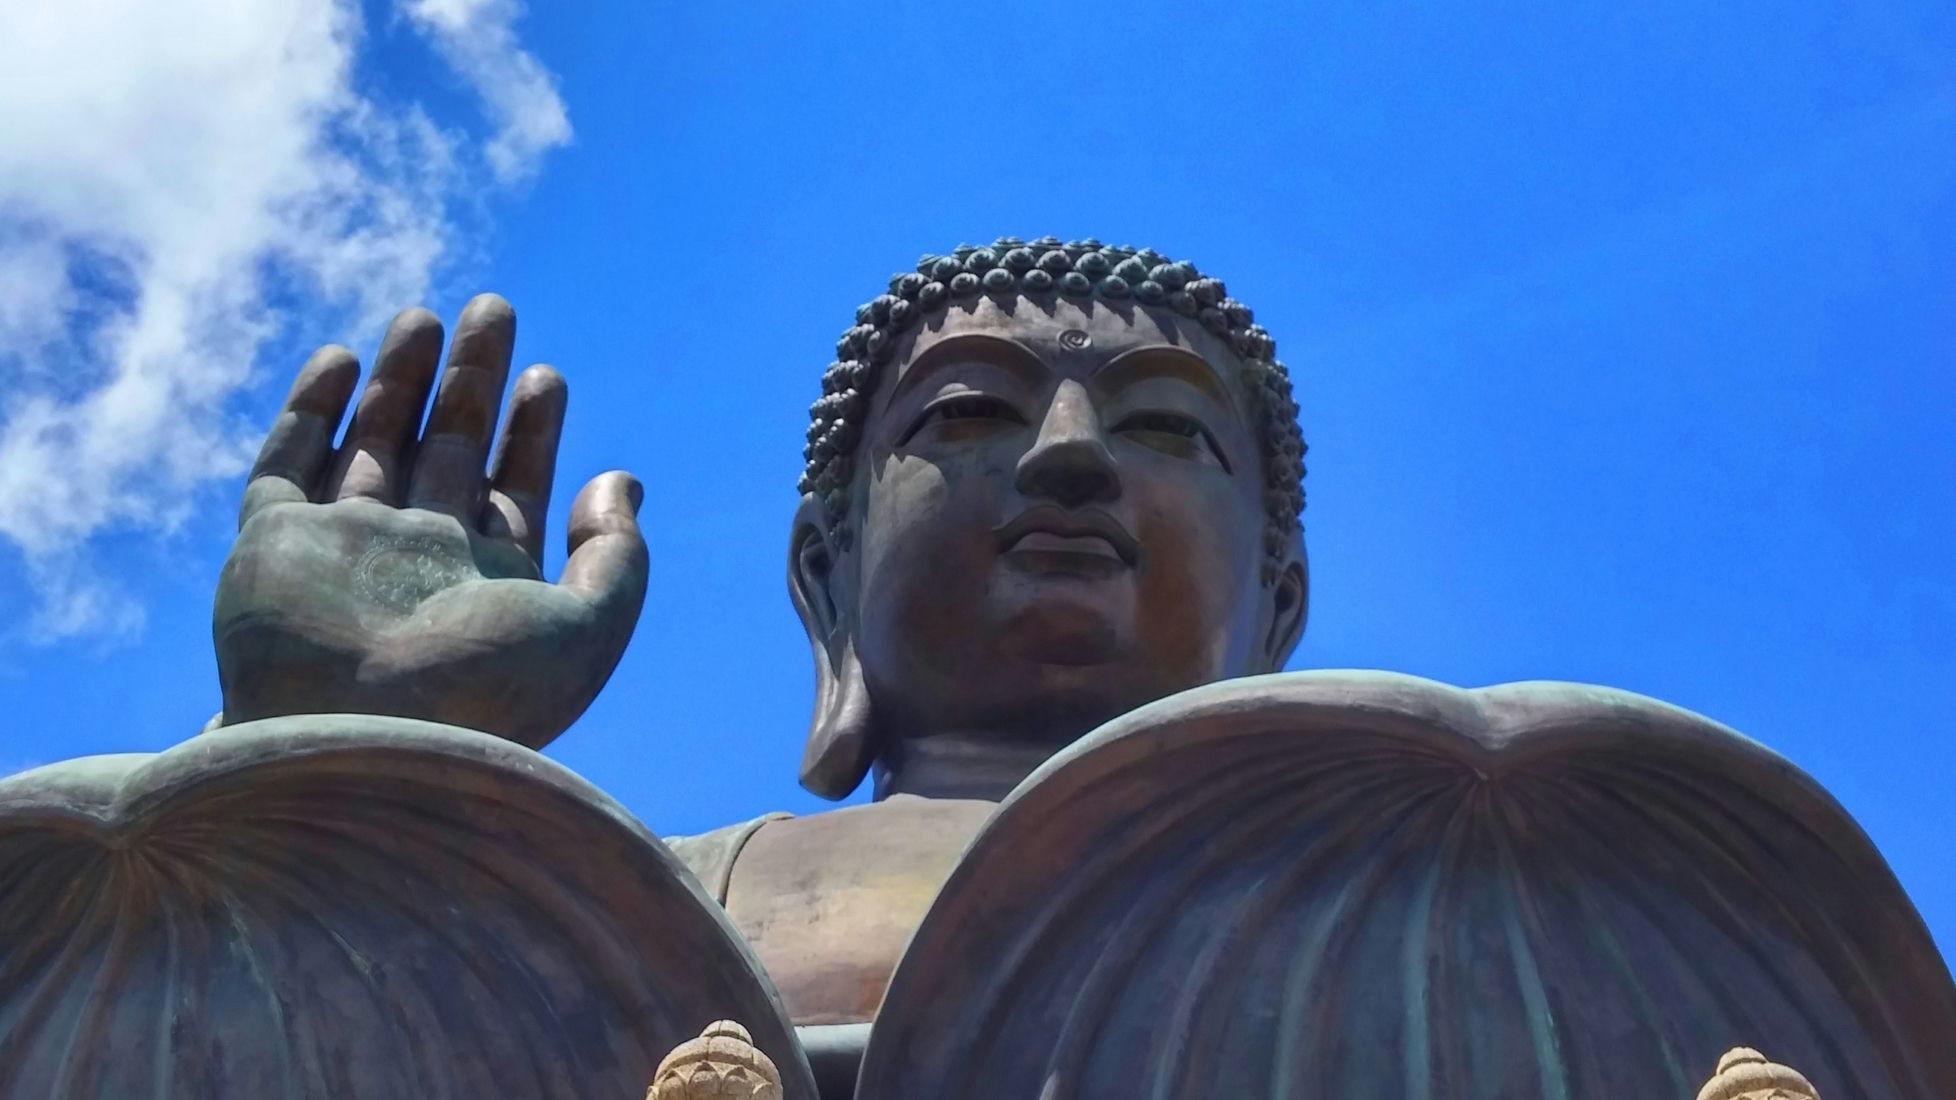 Ngong-Ping-Big-Buddha-close-up